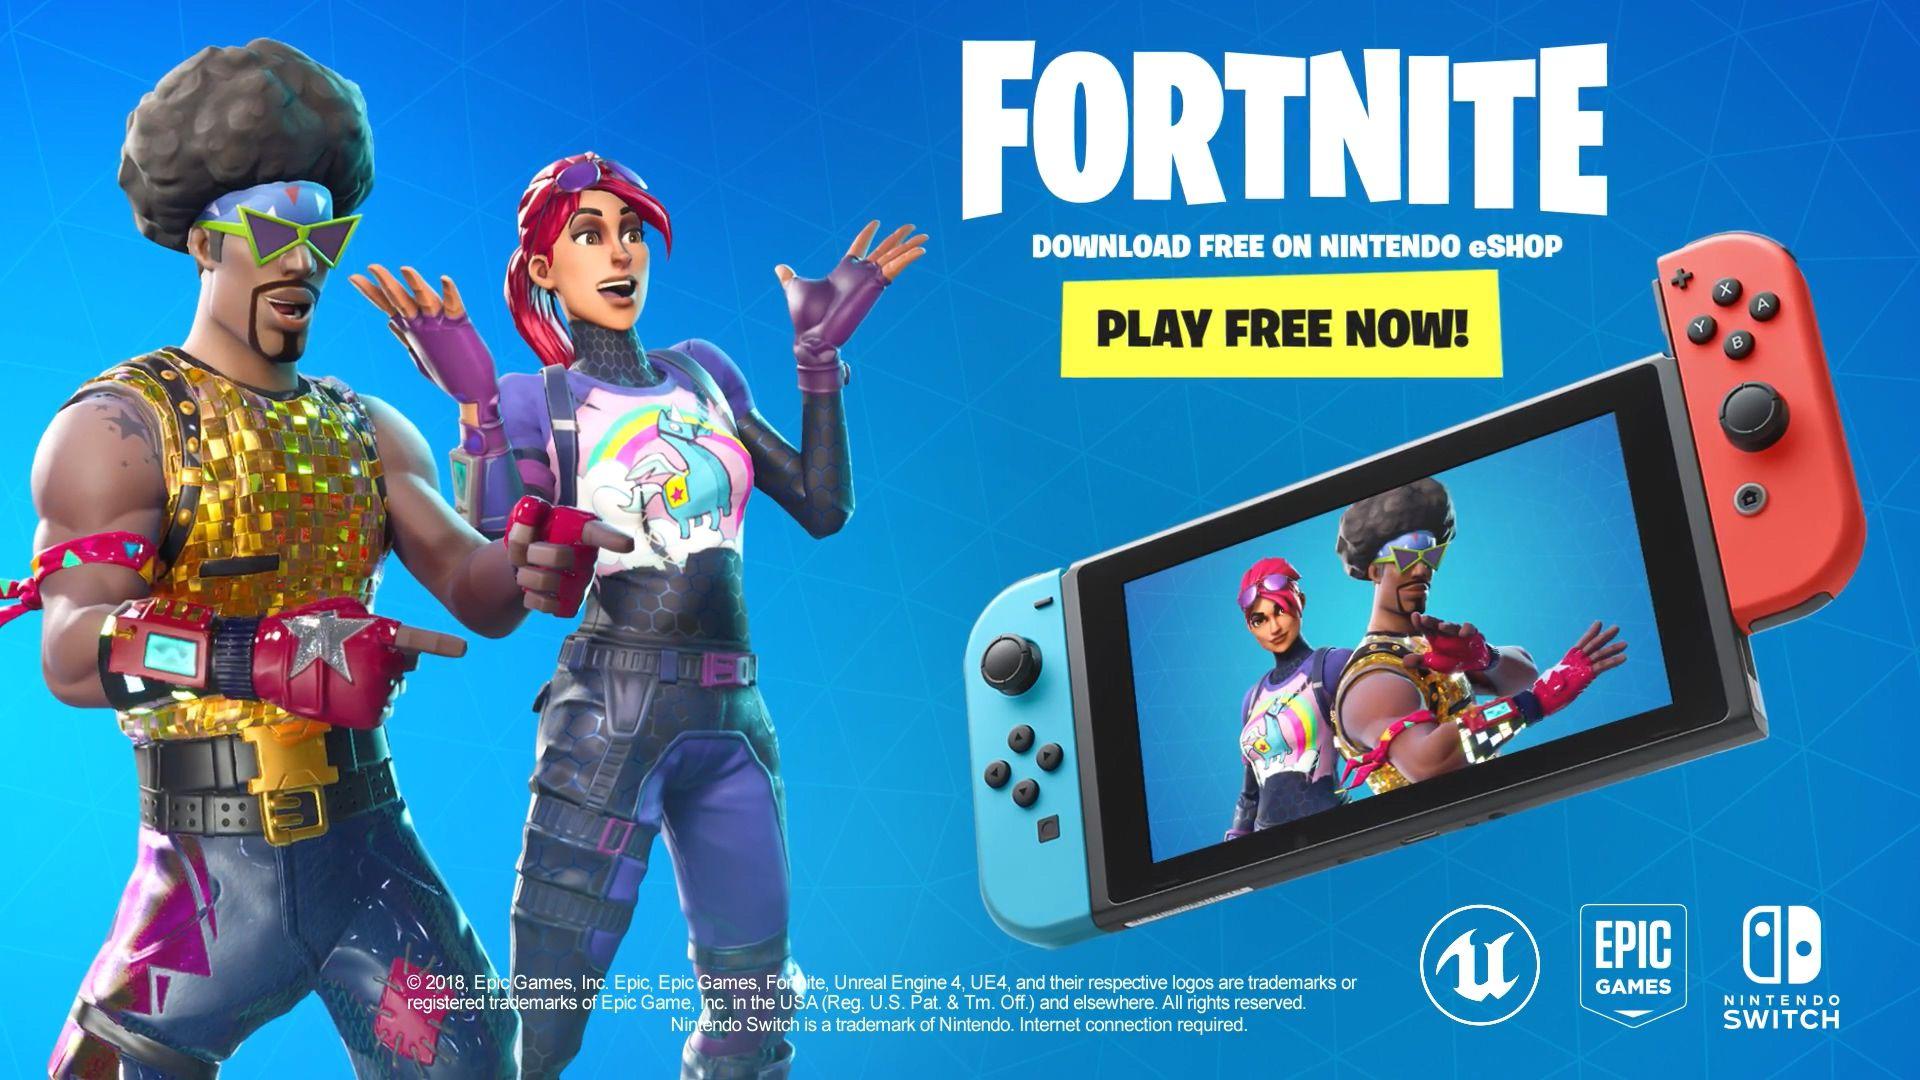 E32018堡垒之夜免费登陆Switch今天就能下载